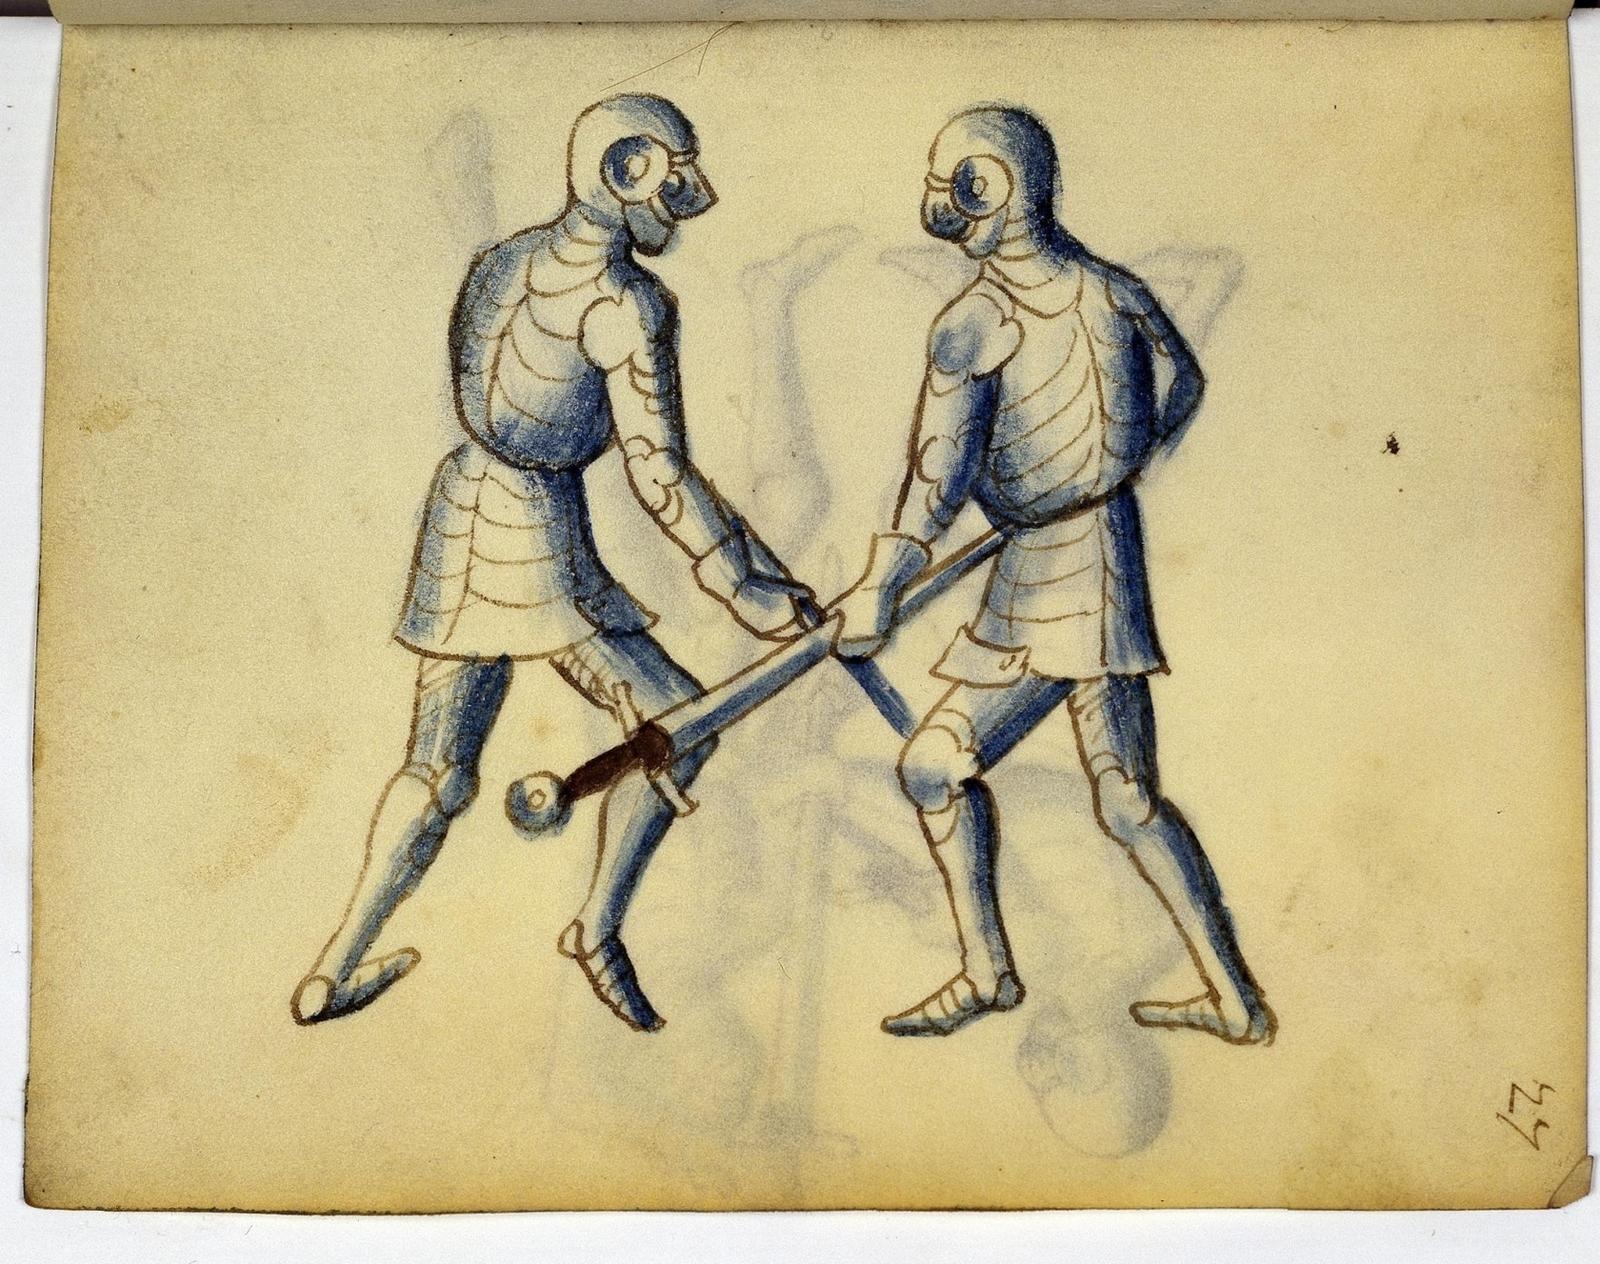 Cod. 11093, fol. 27r: Fecht - und Ringbuch